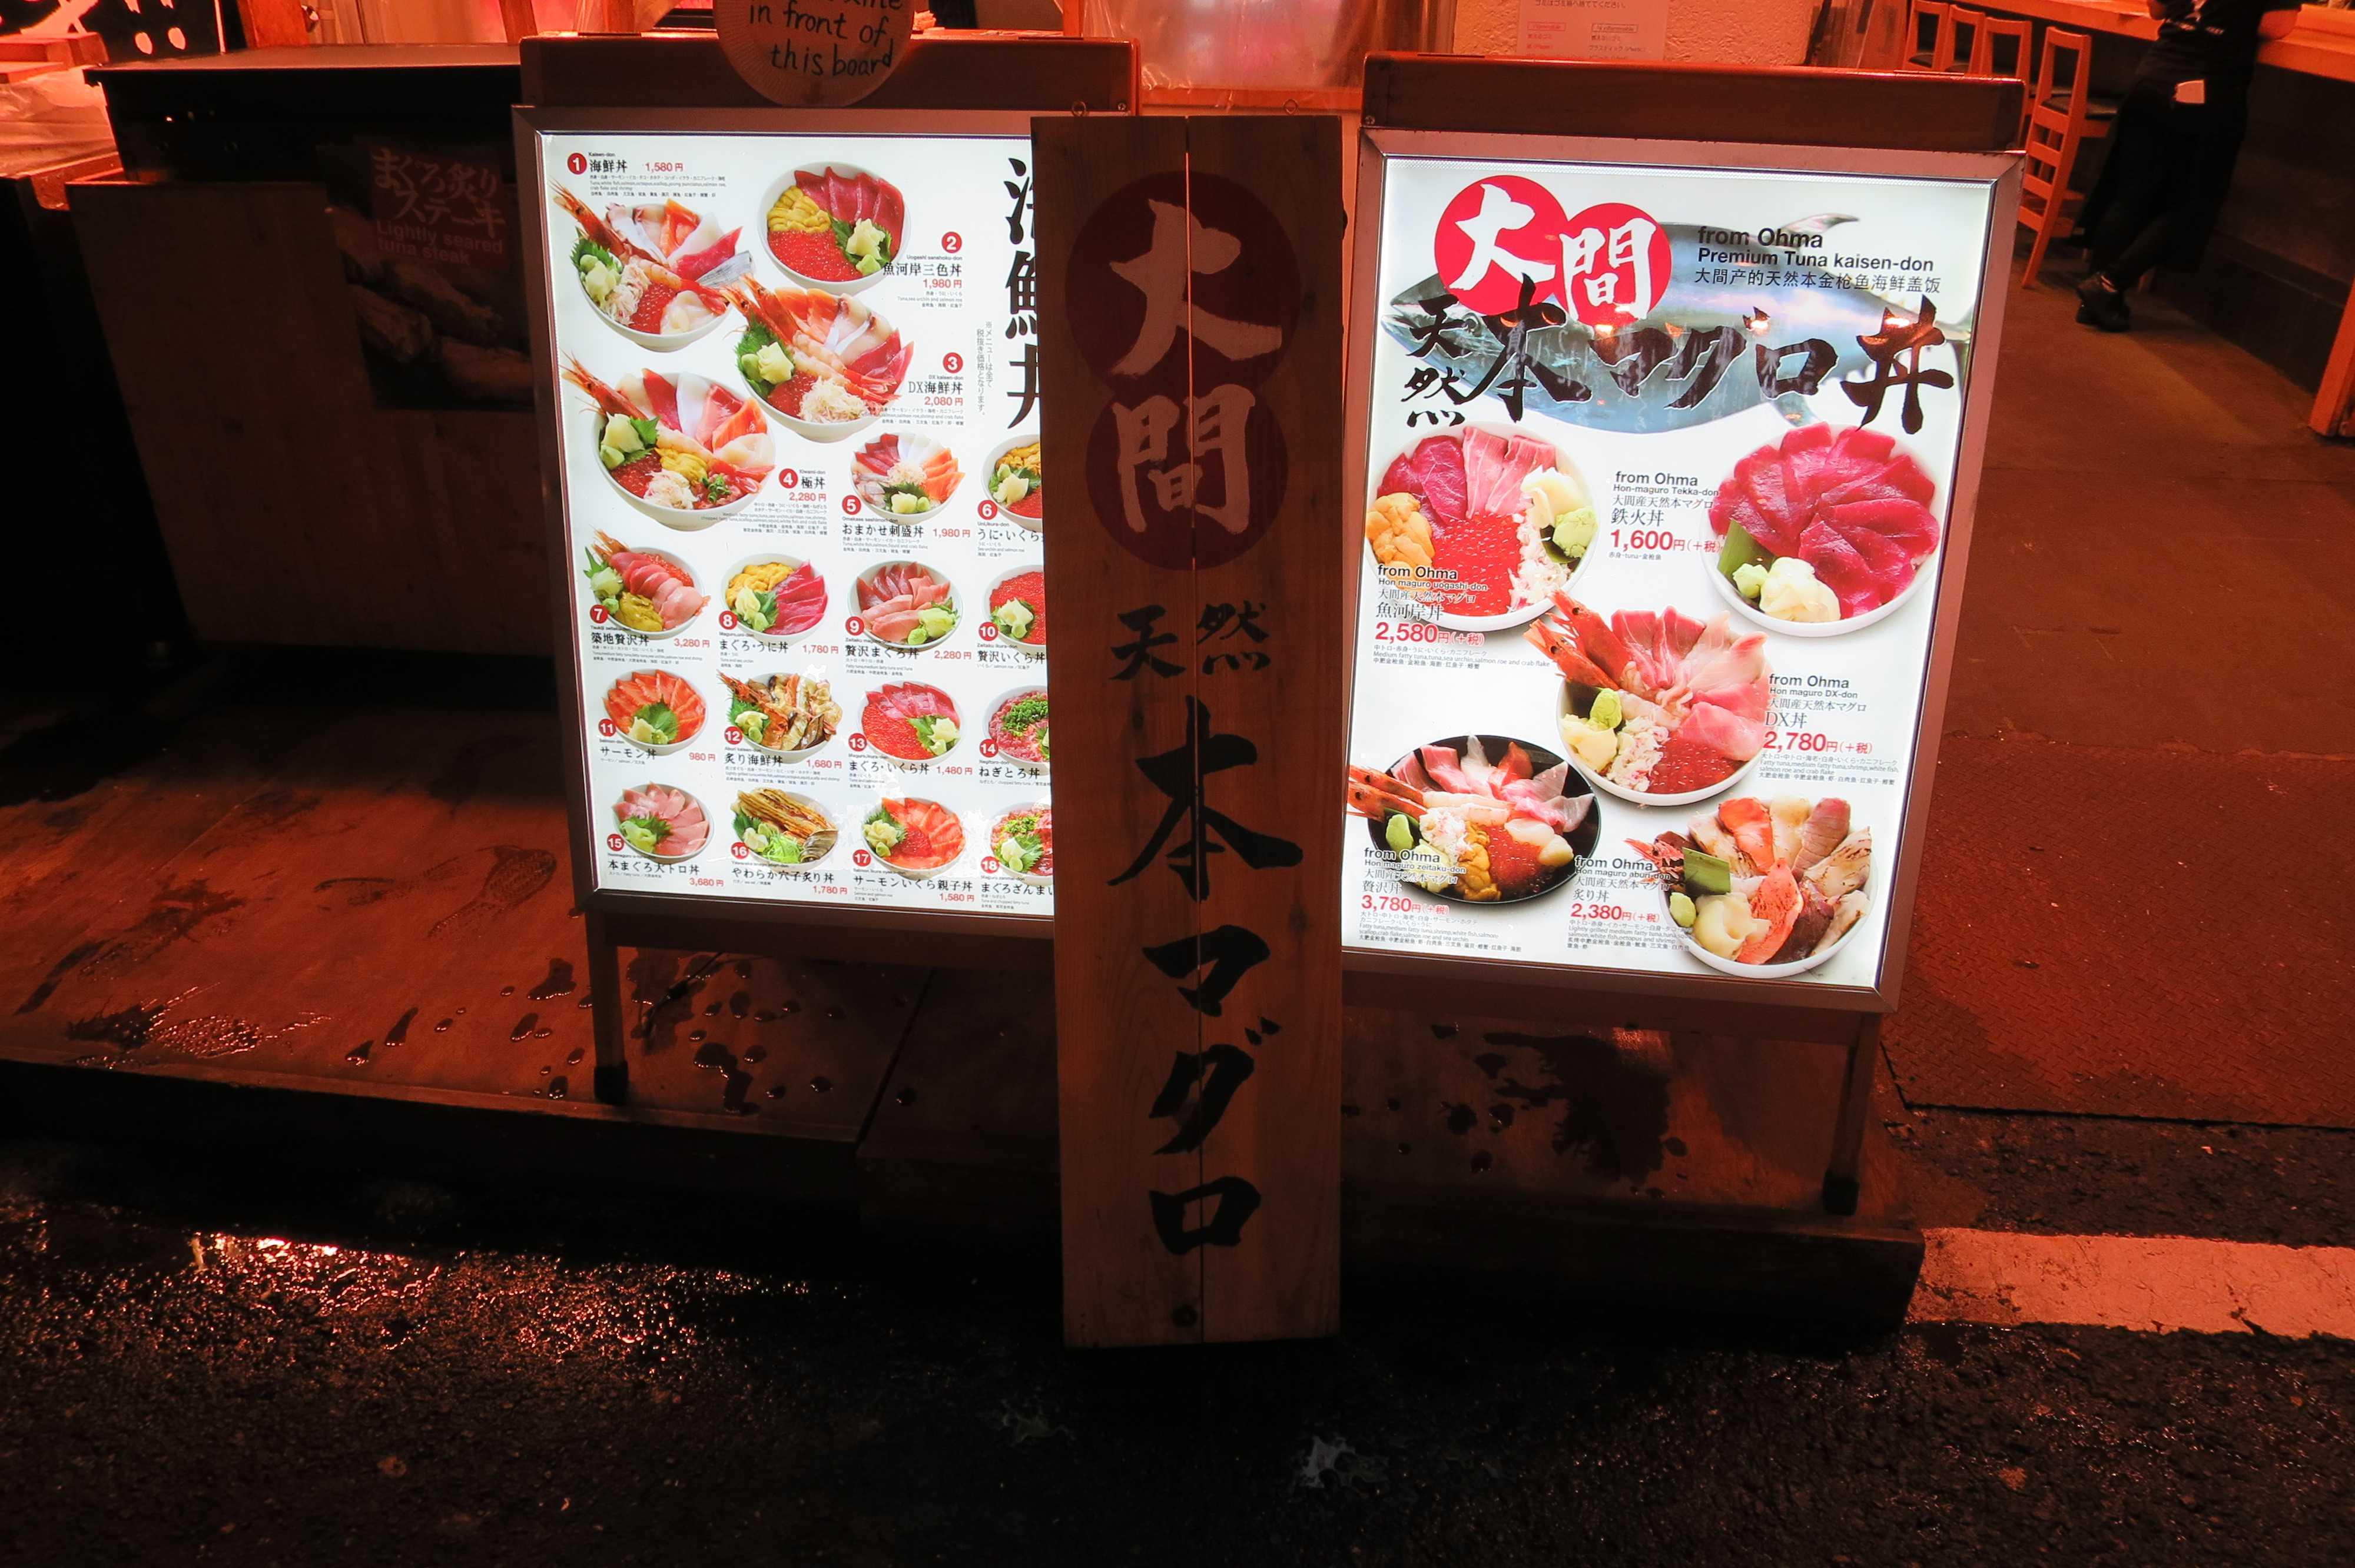 築地場外市場 - 海鮮丼とマグロ丼の看板